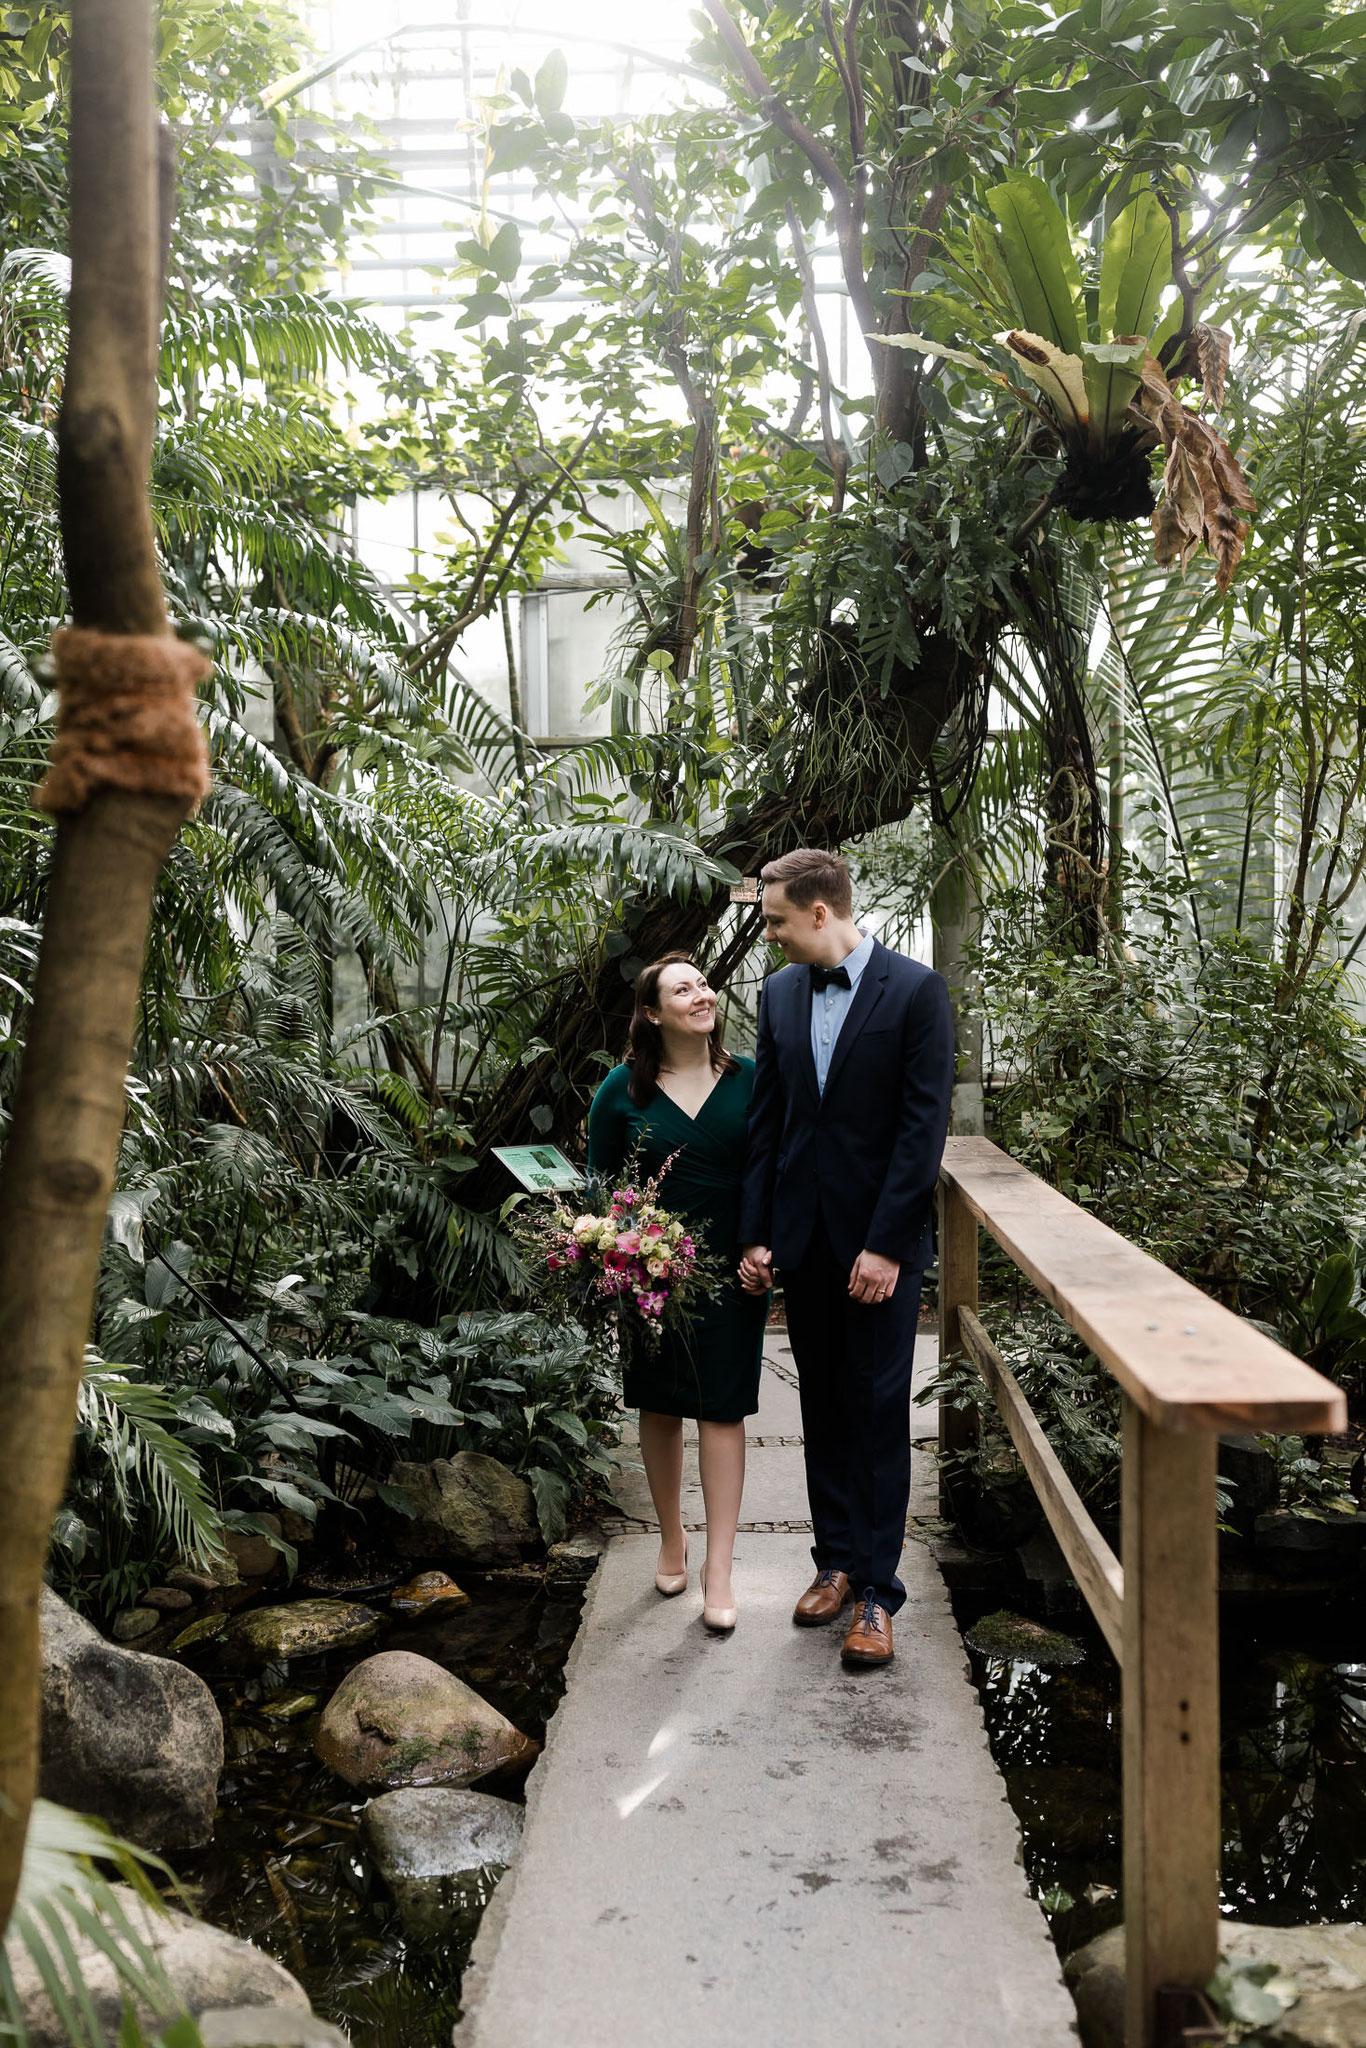 Hochzeit in Erlangen Schlosspark Botanischer Garten